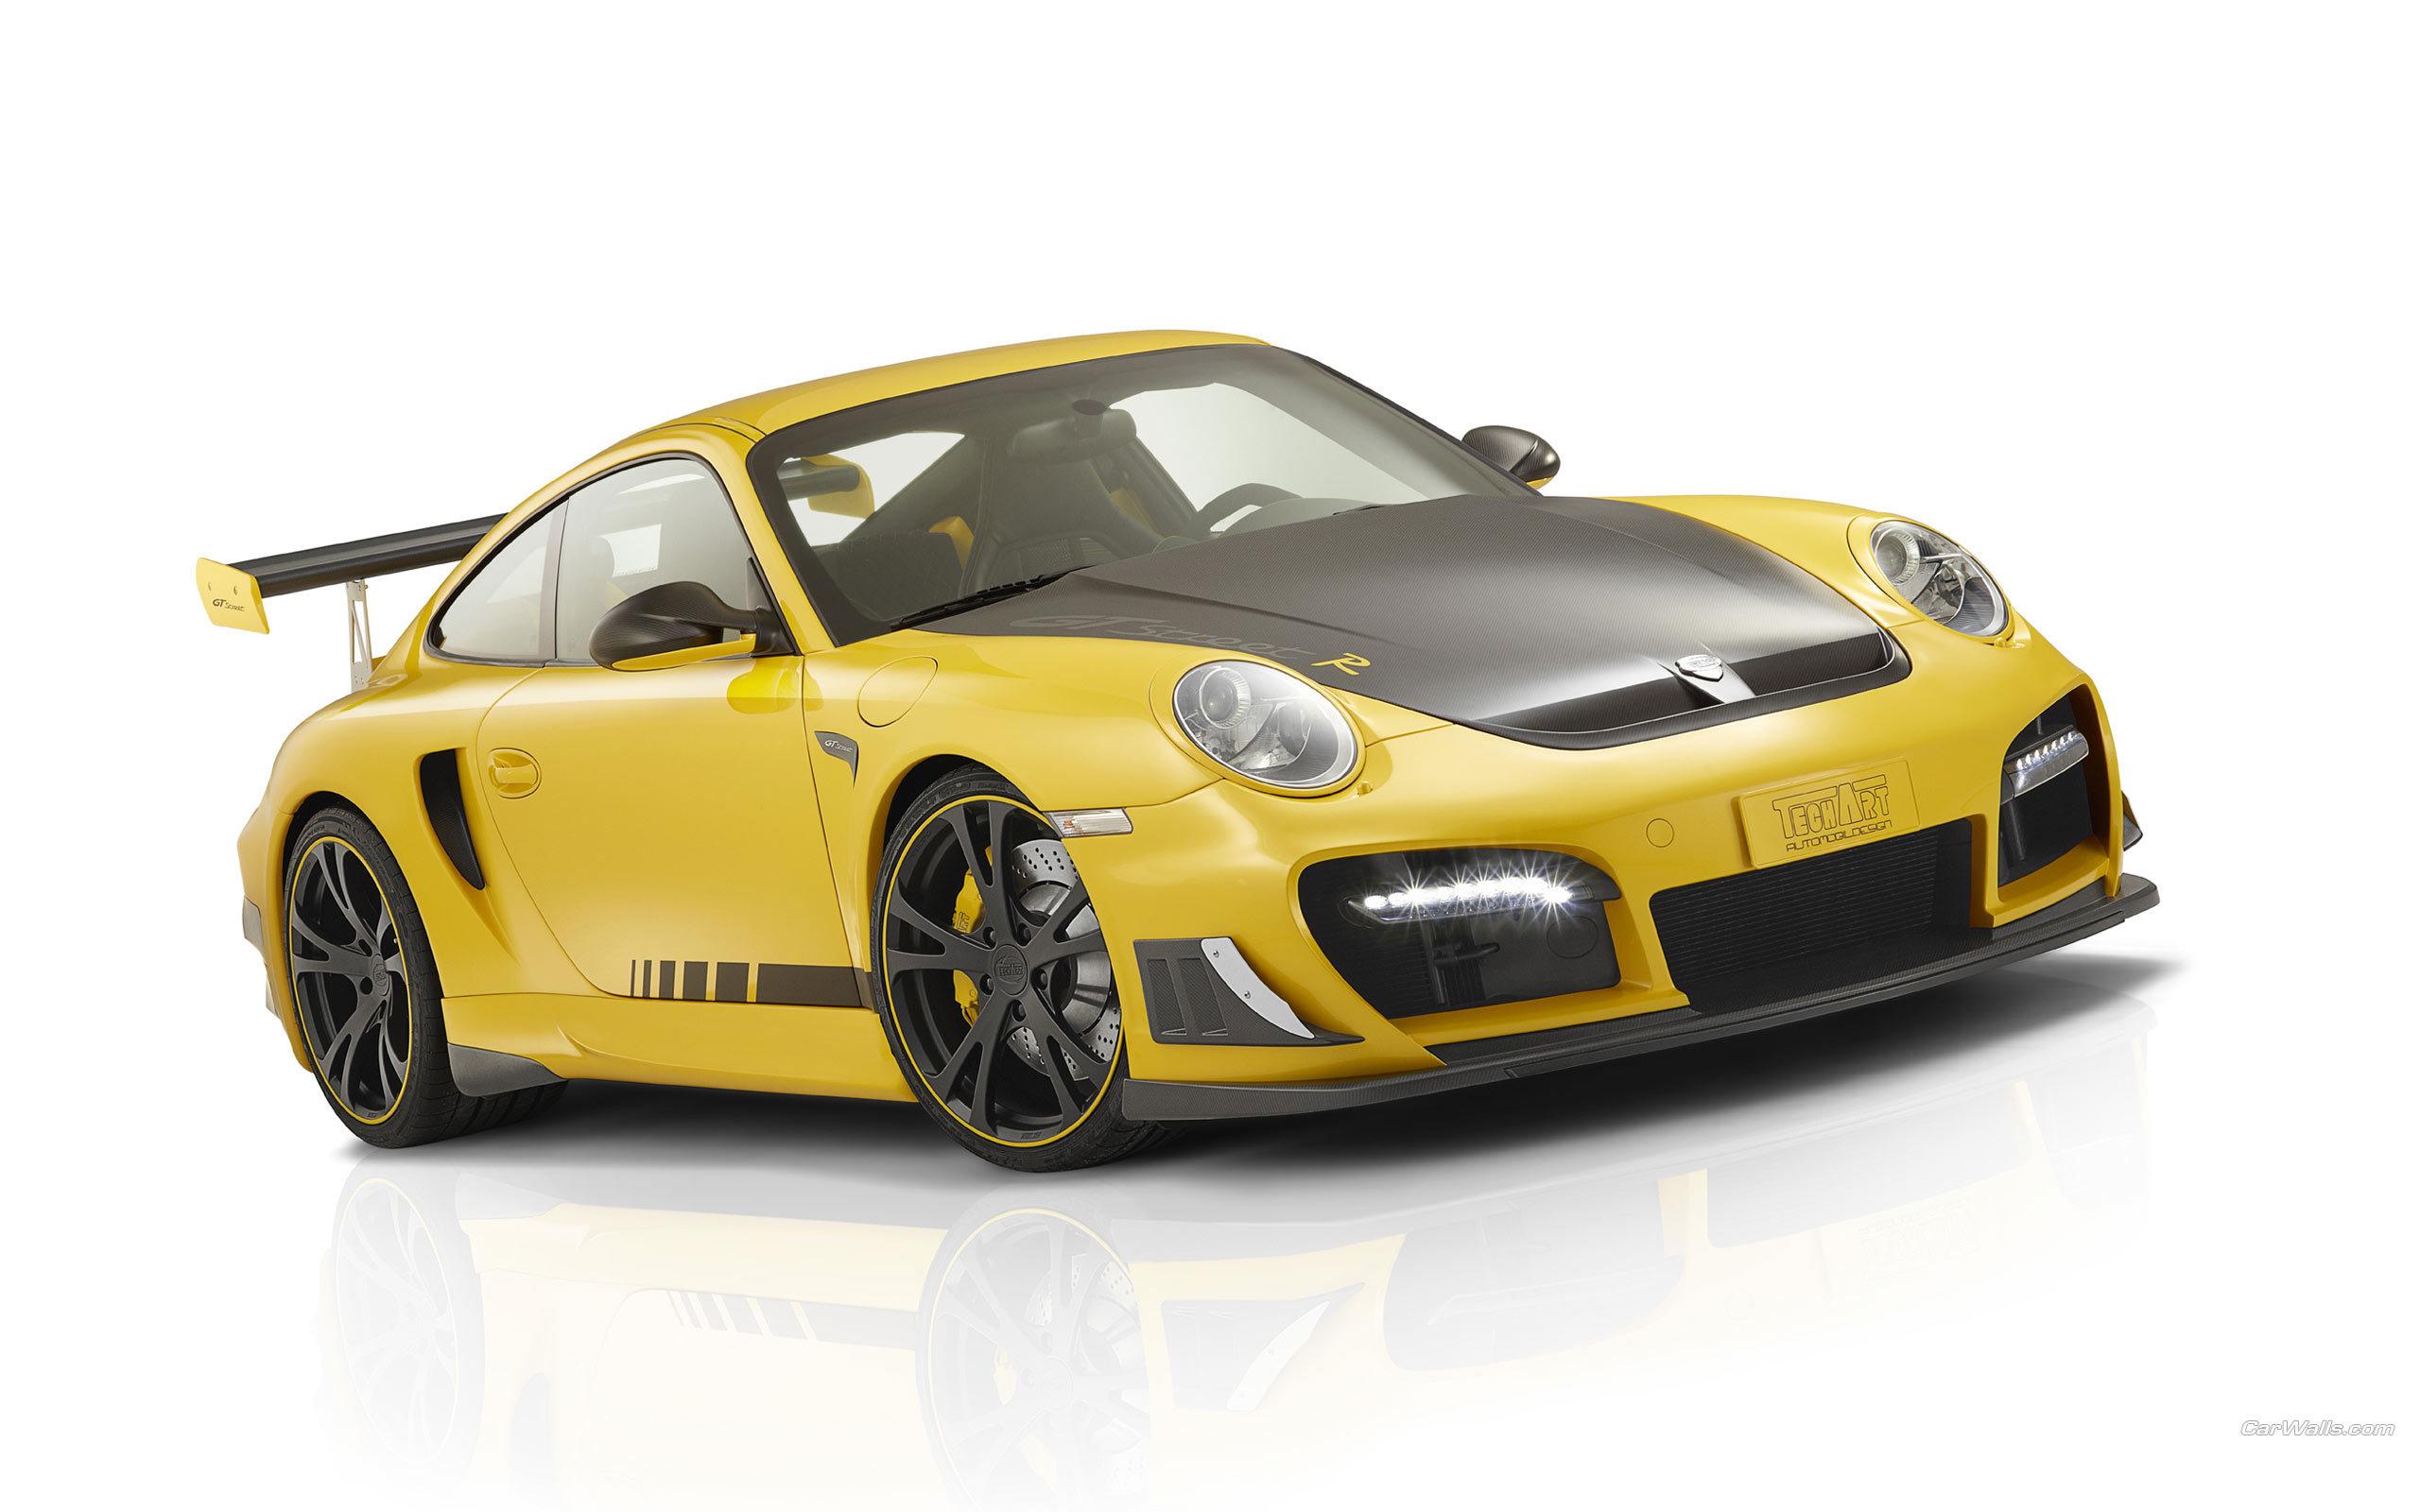 26504 скачать обои Транспорт, Машины, Порш (Porsche), Тюнинг - заставки и картинки бесплатно